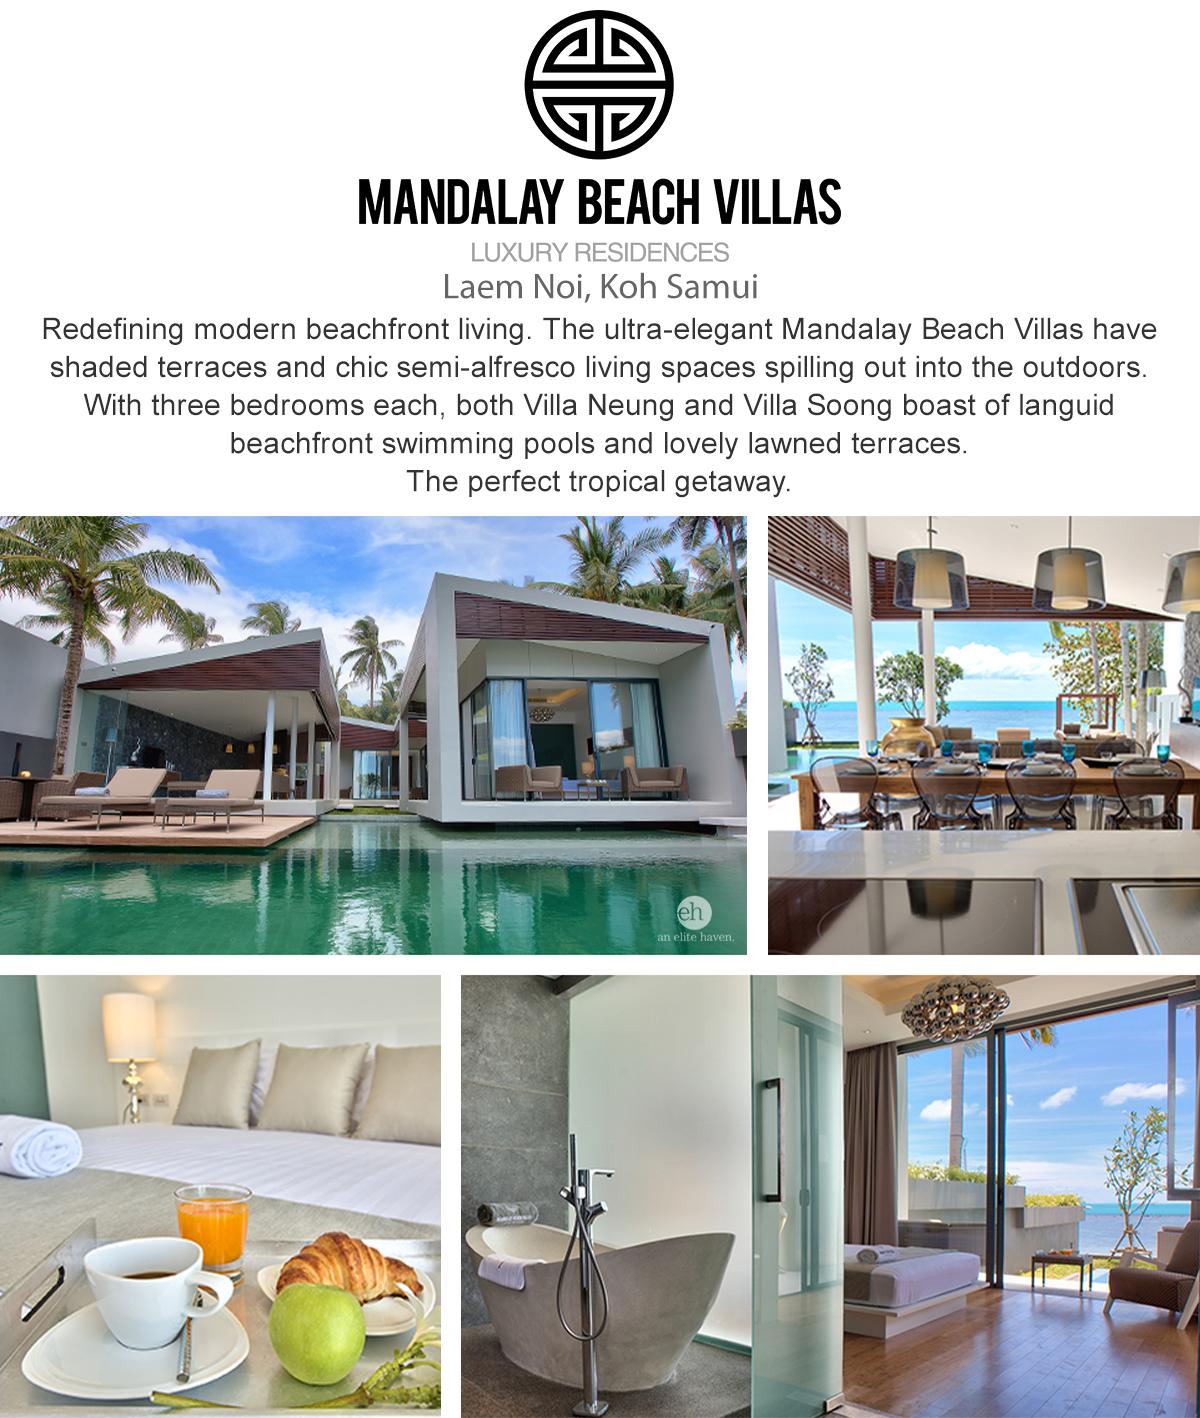 Mandalay Beach Villas - Laem Noi, Koh Samui